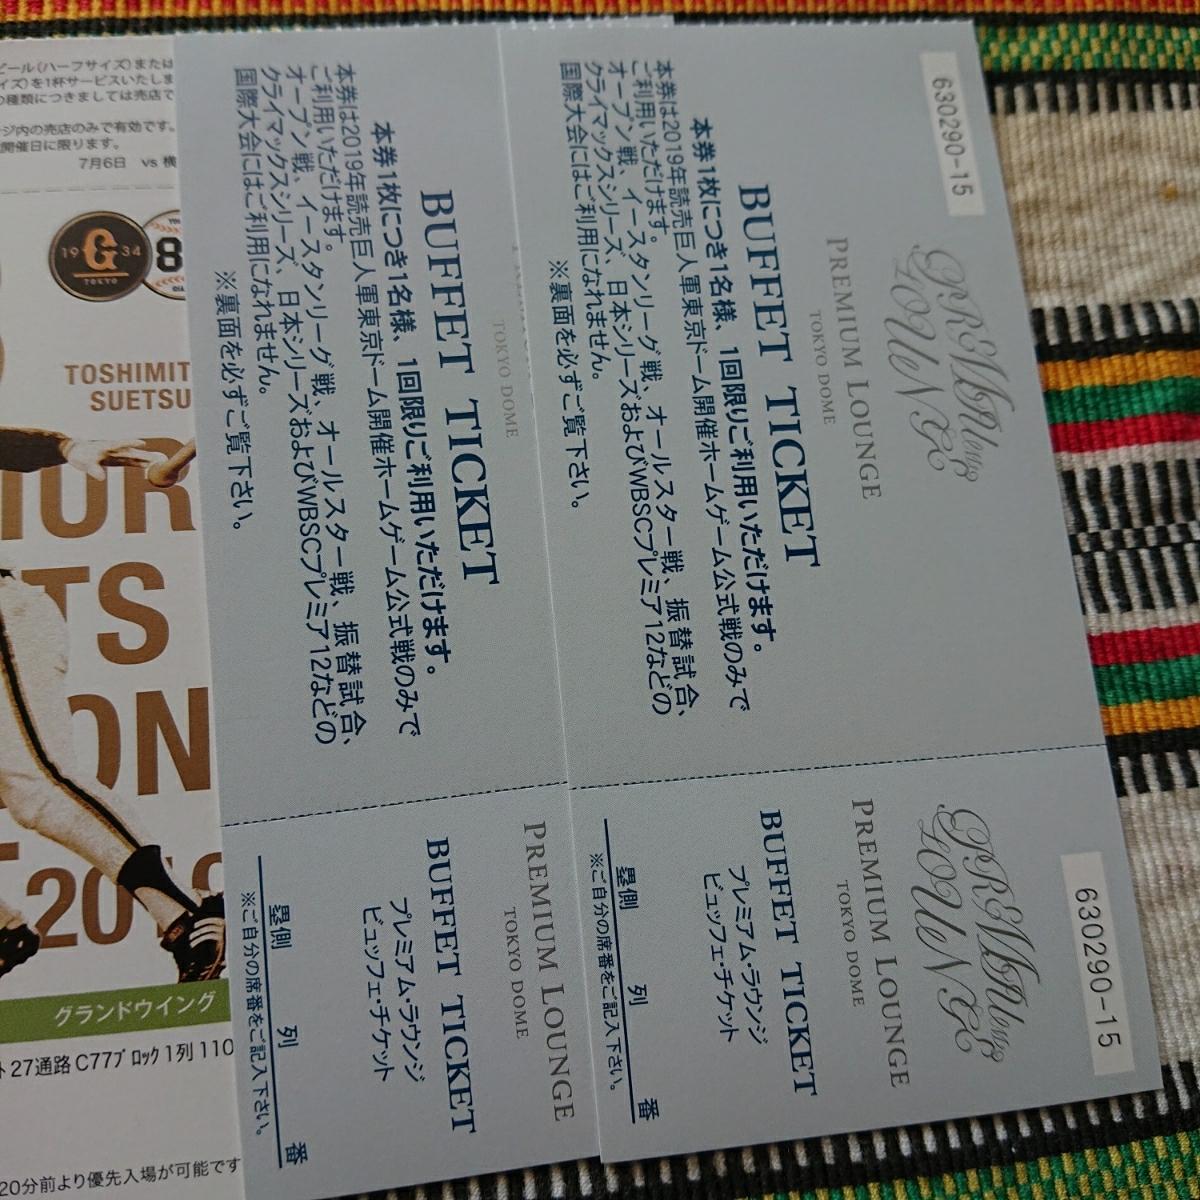 巨人VS横浜 7月6日土曜日 ペアチケット、プレミアムラウンジ、グランドウイング ビュッフェチケット、記念品引換券付き_画像2